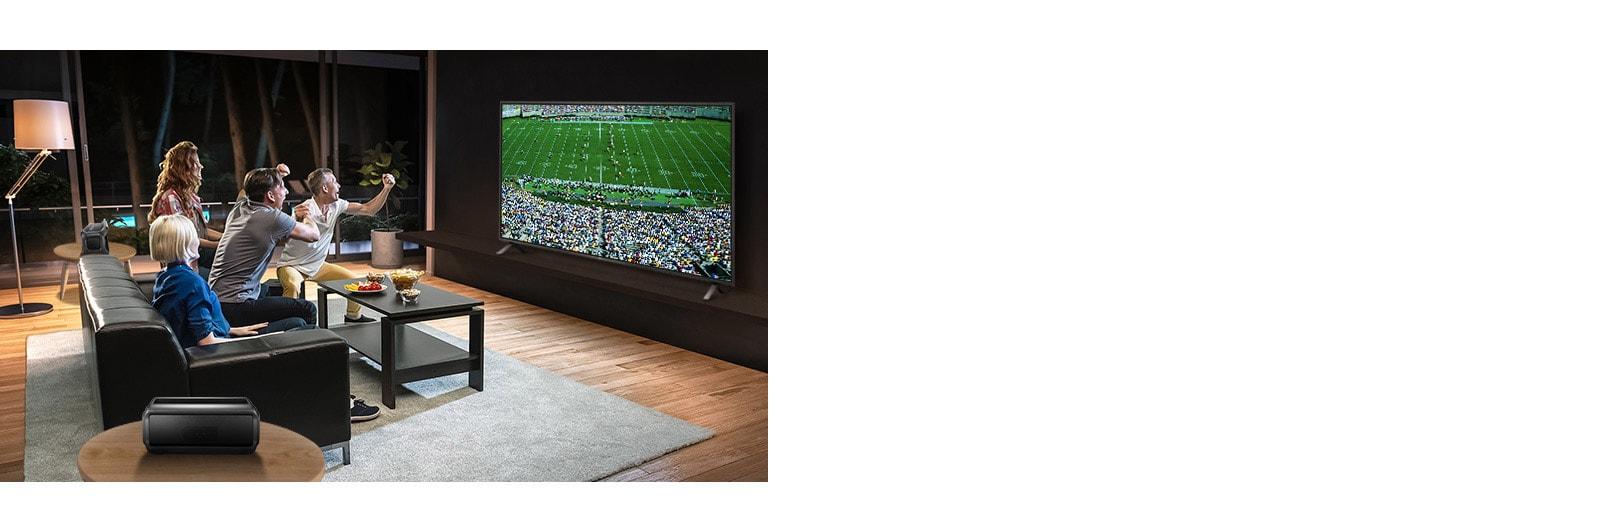 Mensen kijken naar sportwedstrijden op tv in de woonkamer met Bluetooth-achterluidsprekers.